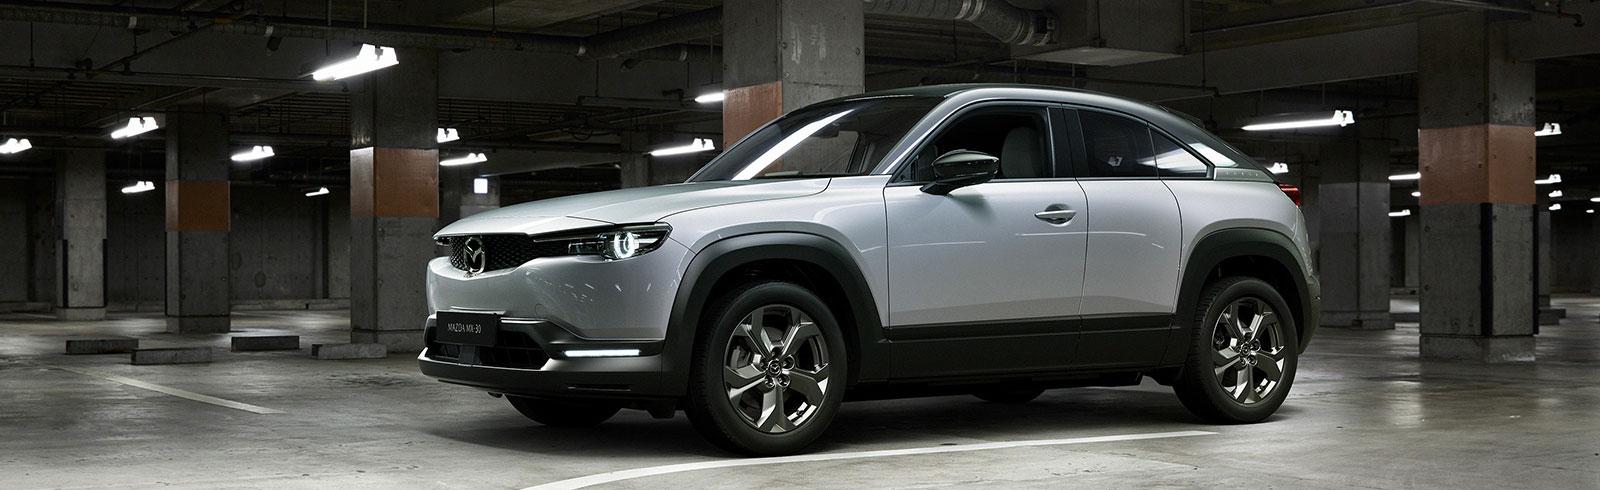 Mazda MX-30 has entered production